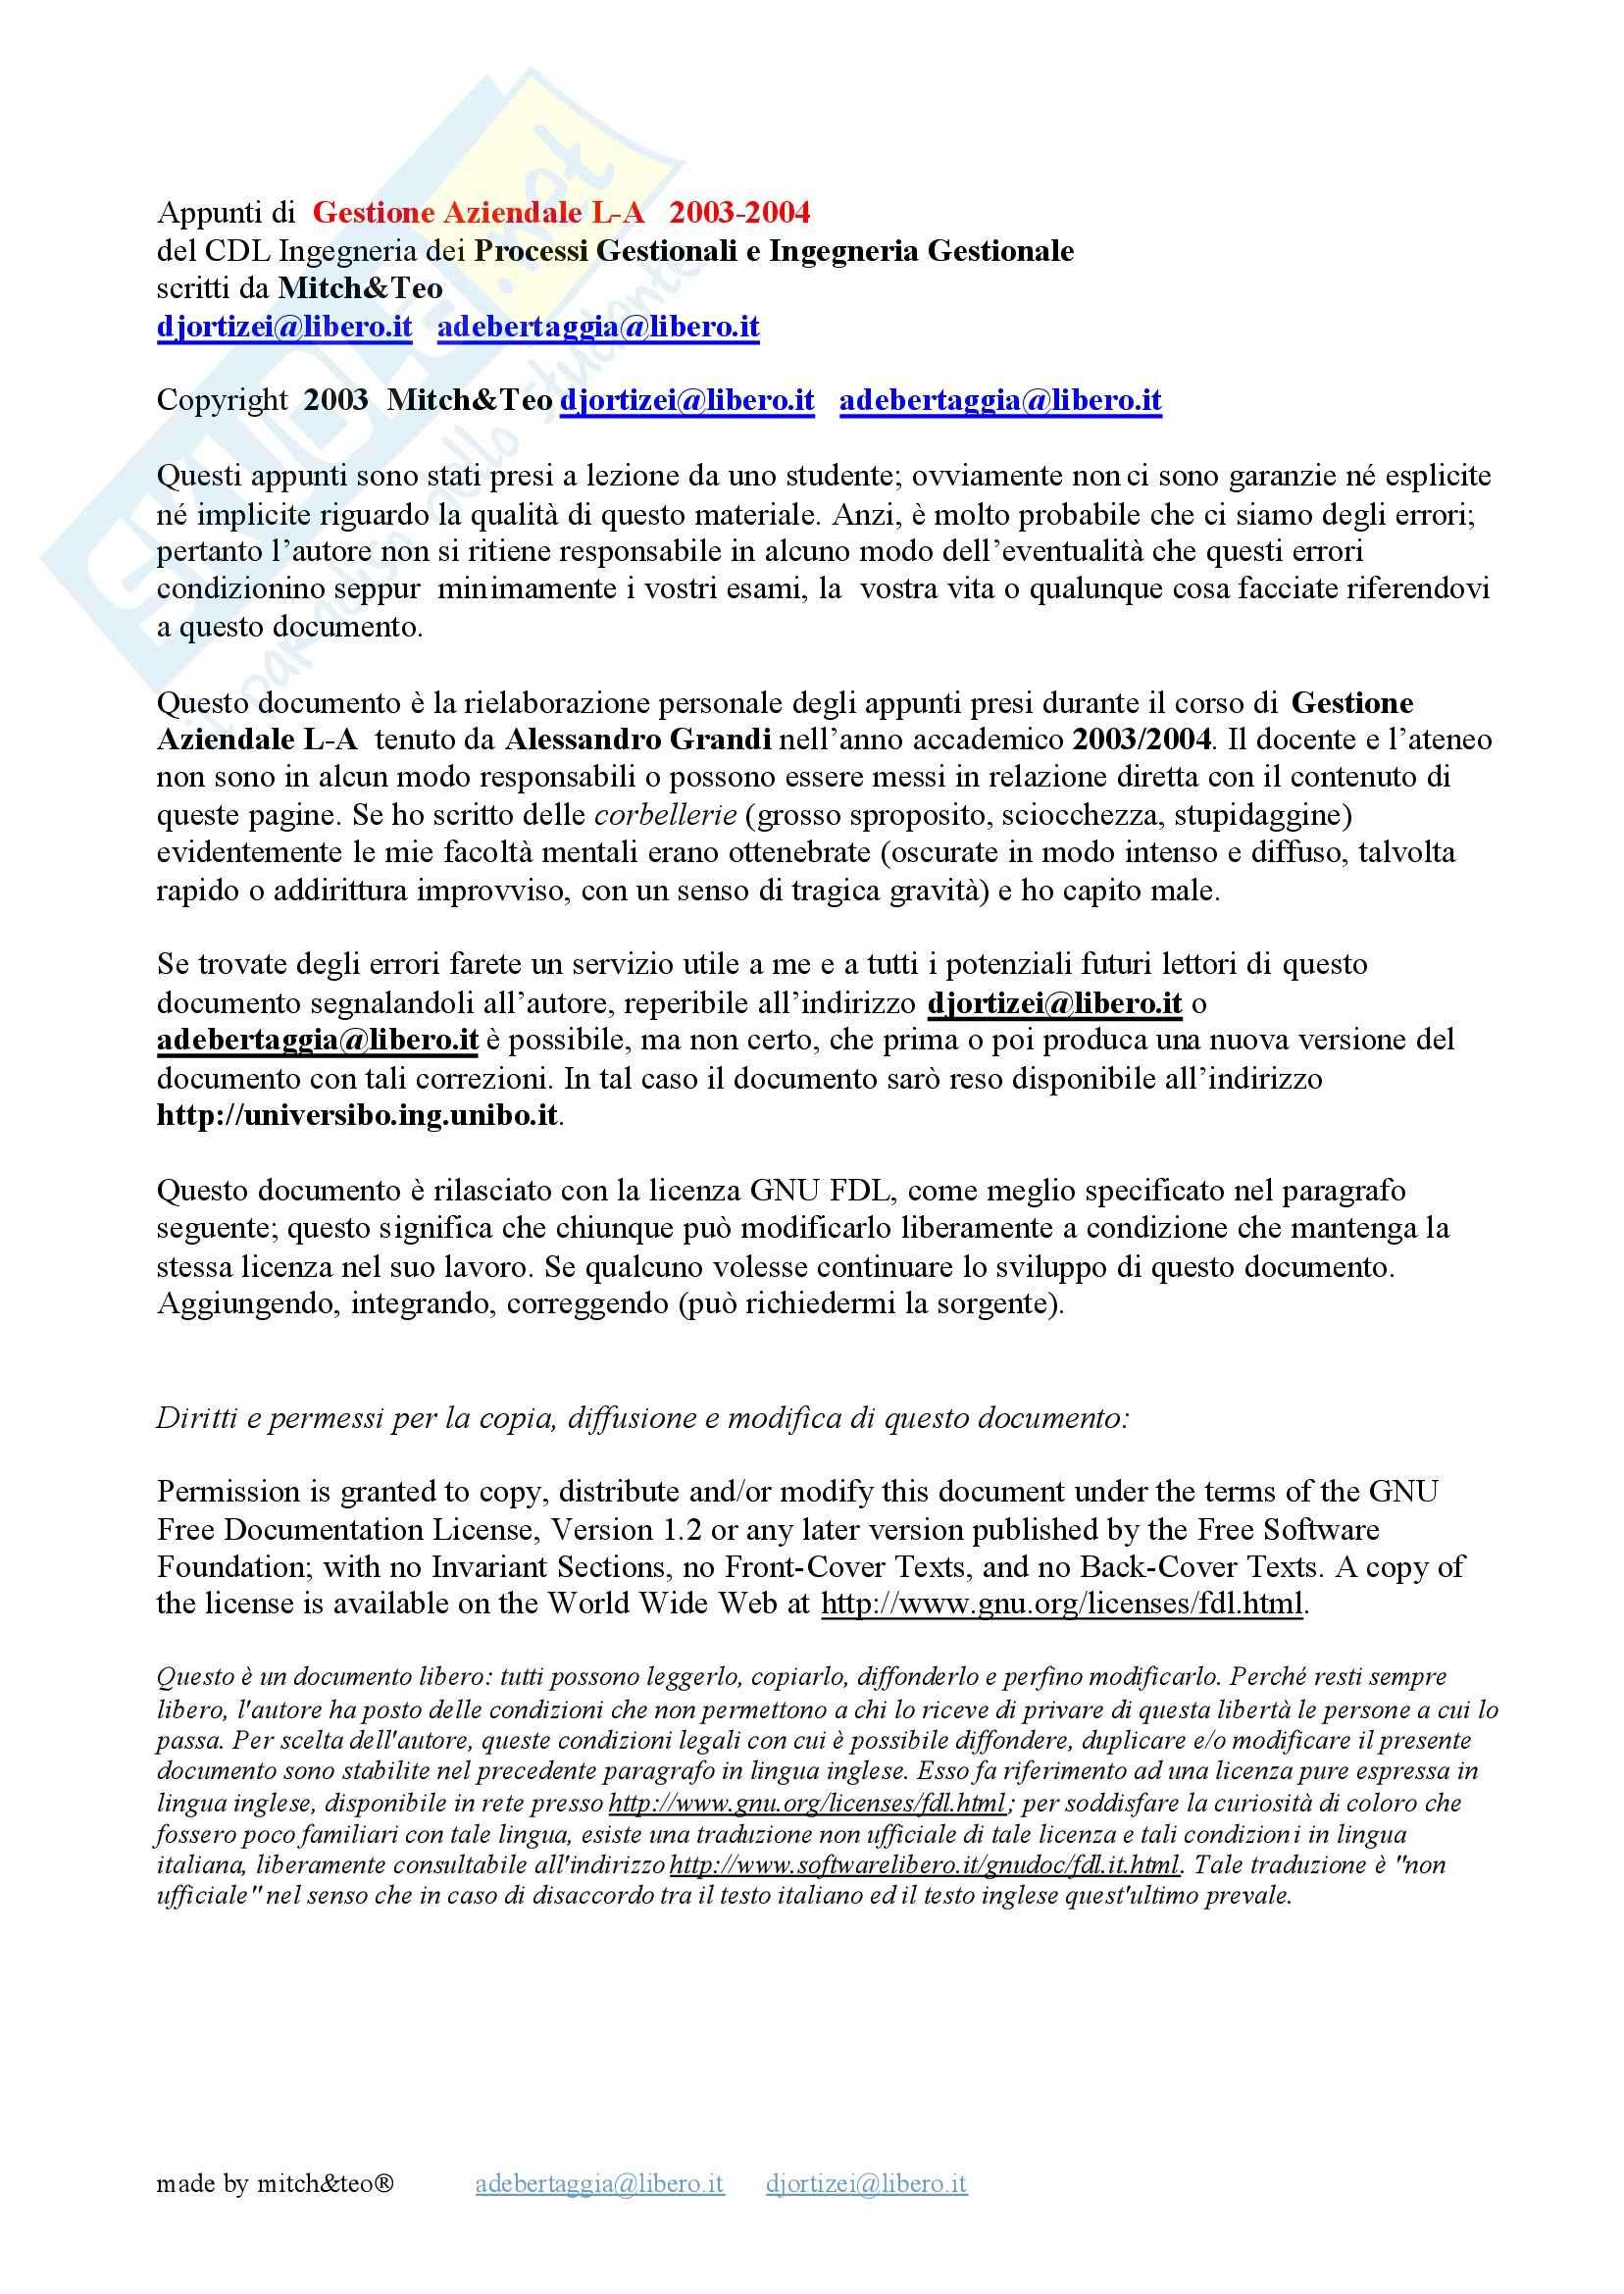 Gestione Aziendale L-A - Appunti